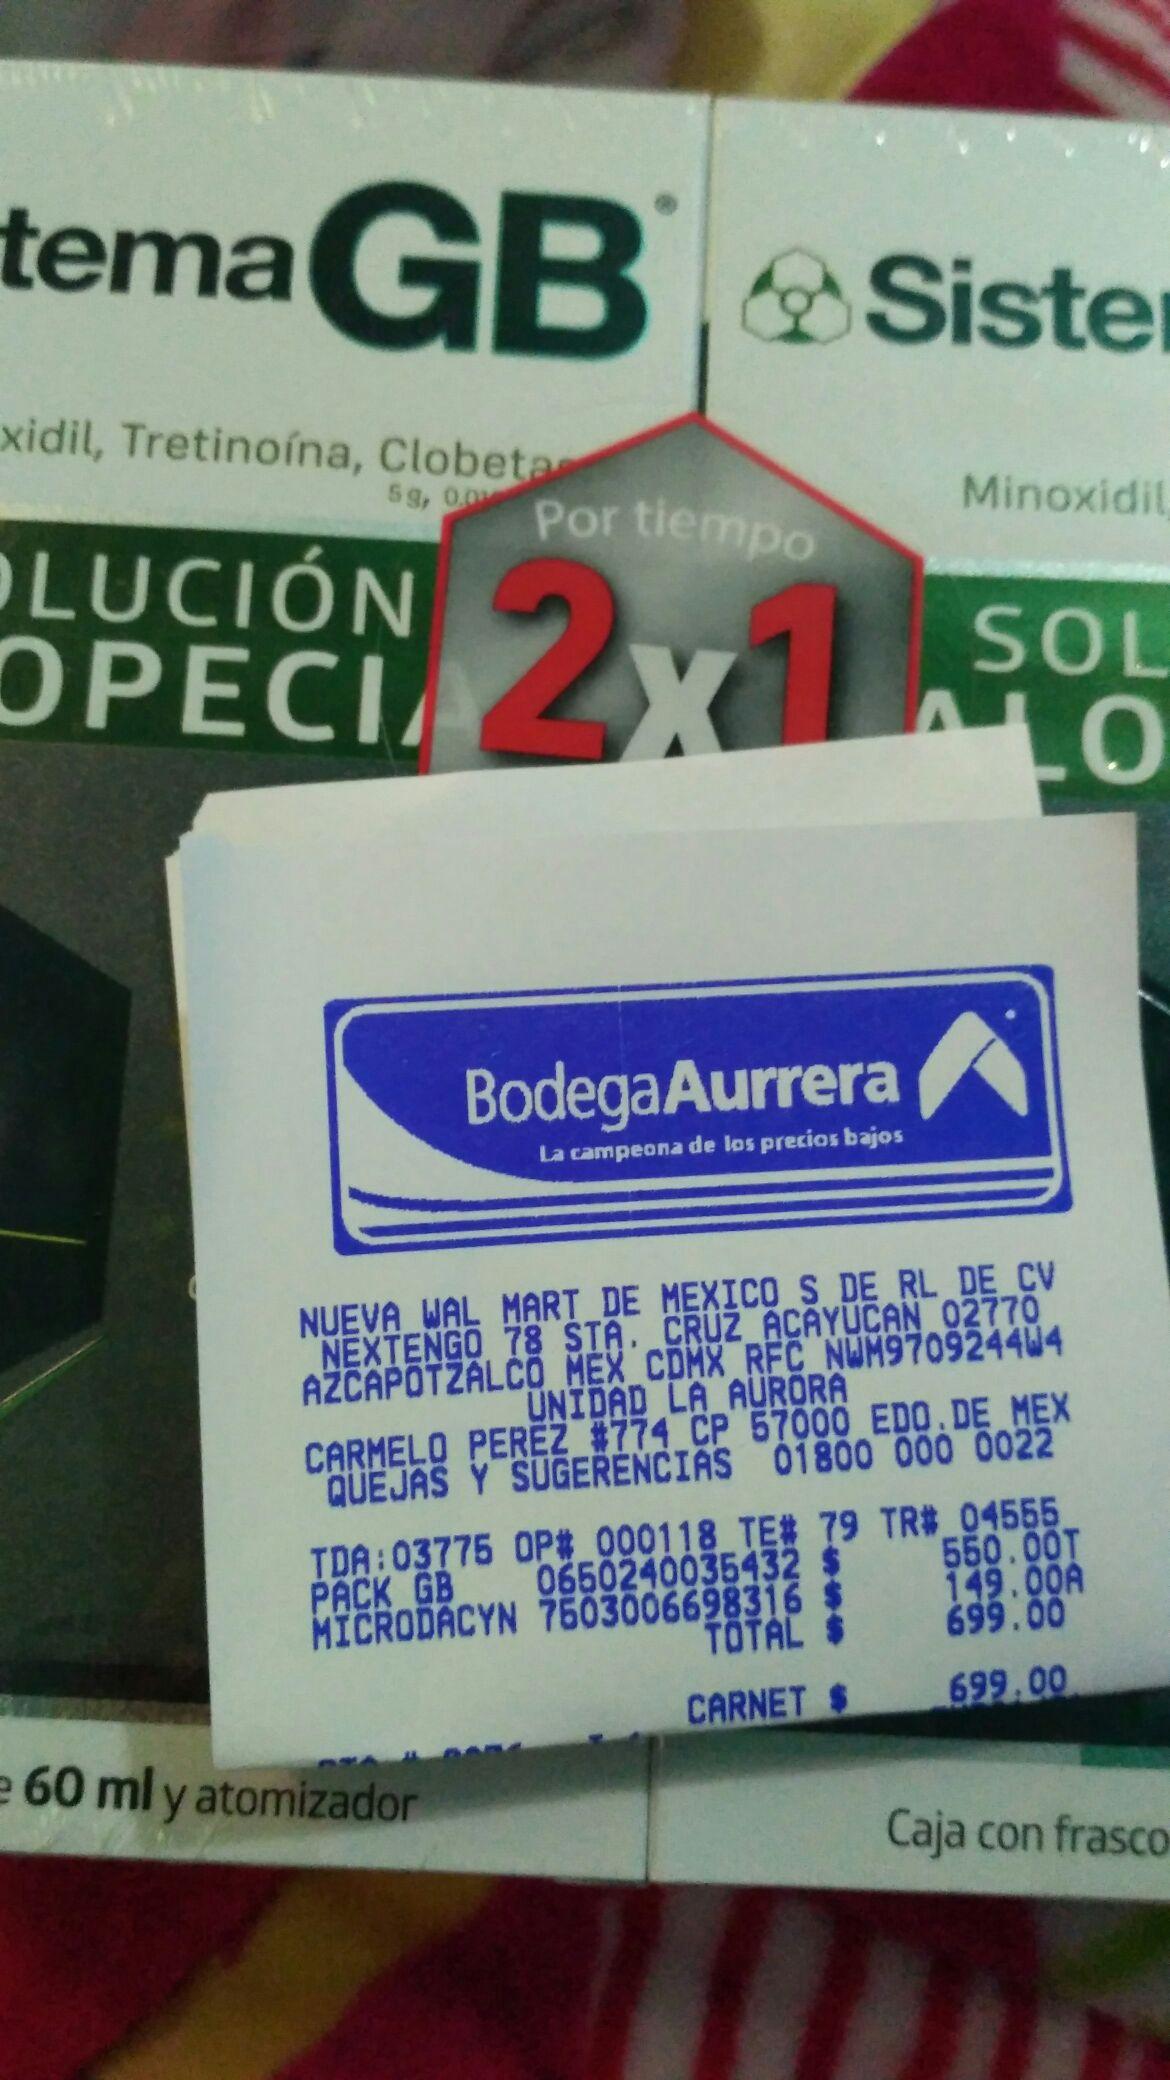 Bodega Aurrerá:  sistema gb al 2x1